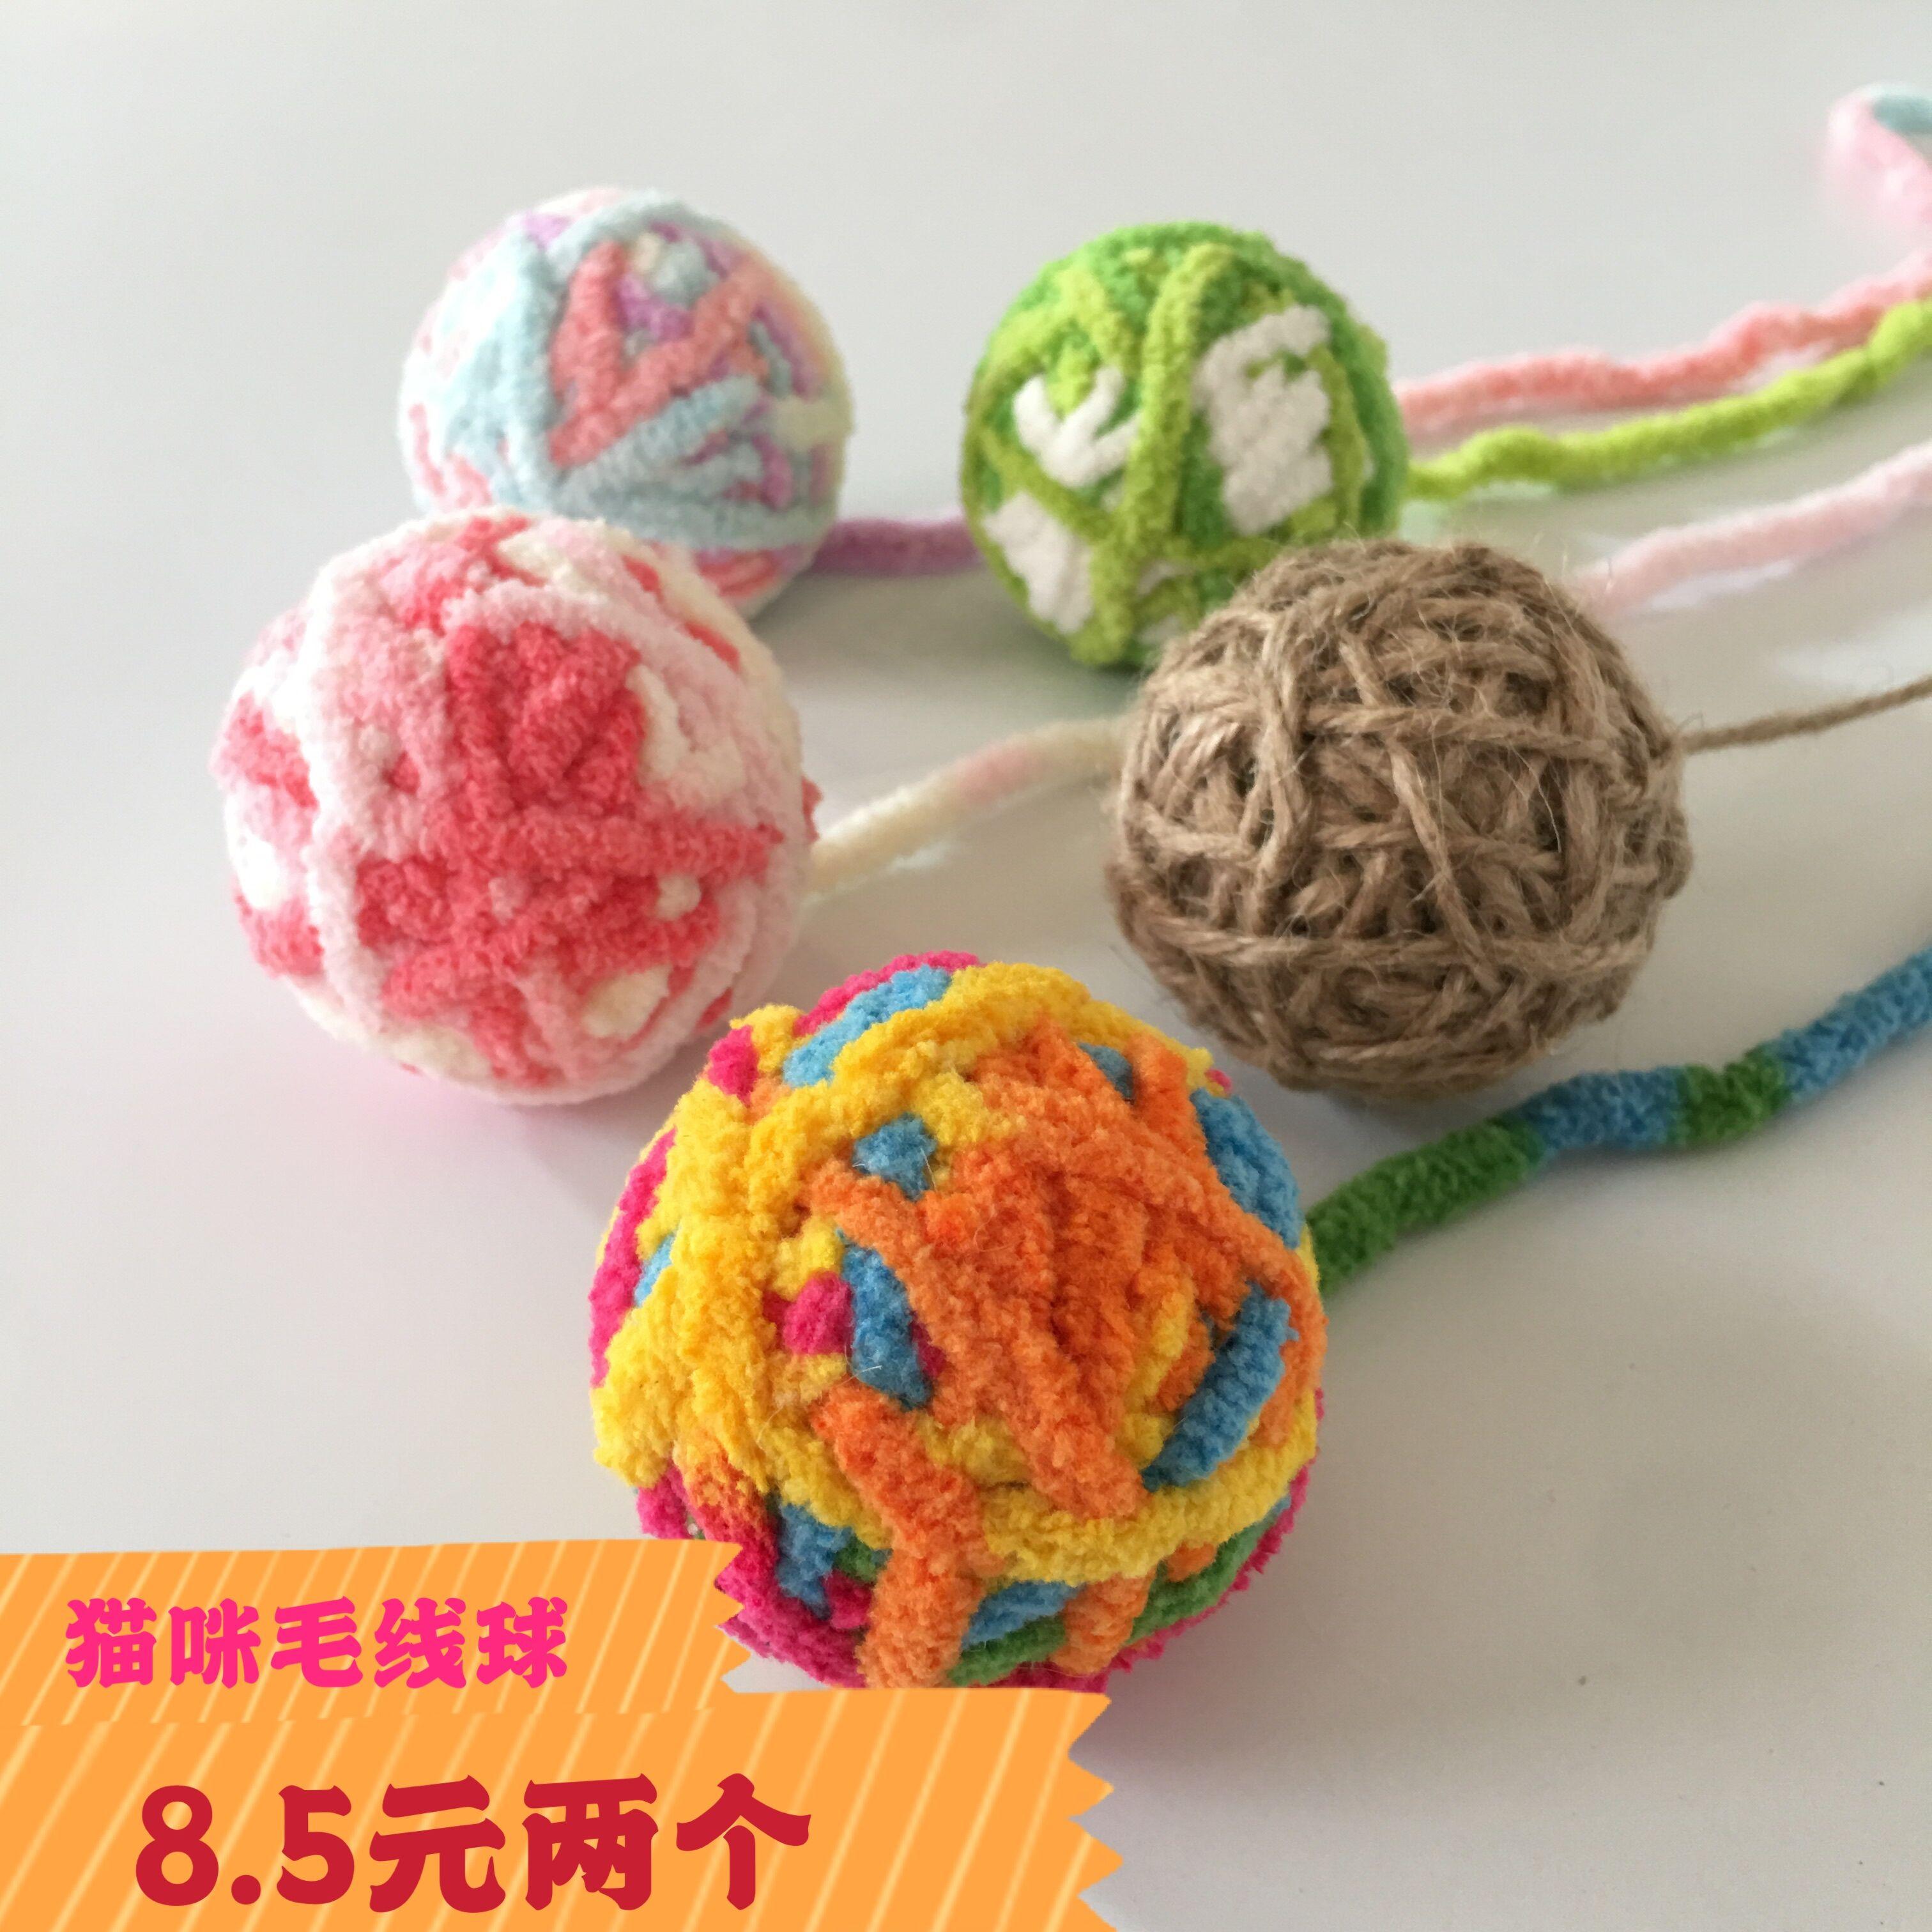 猫玩具毛线彩虹球编织球带尾巴逗猫宠物玩具毛线团内含响珠发声球